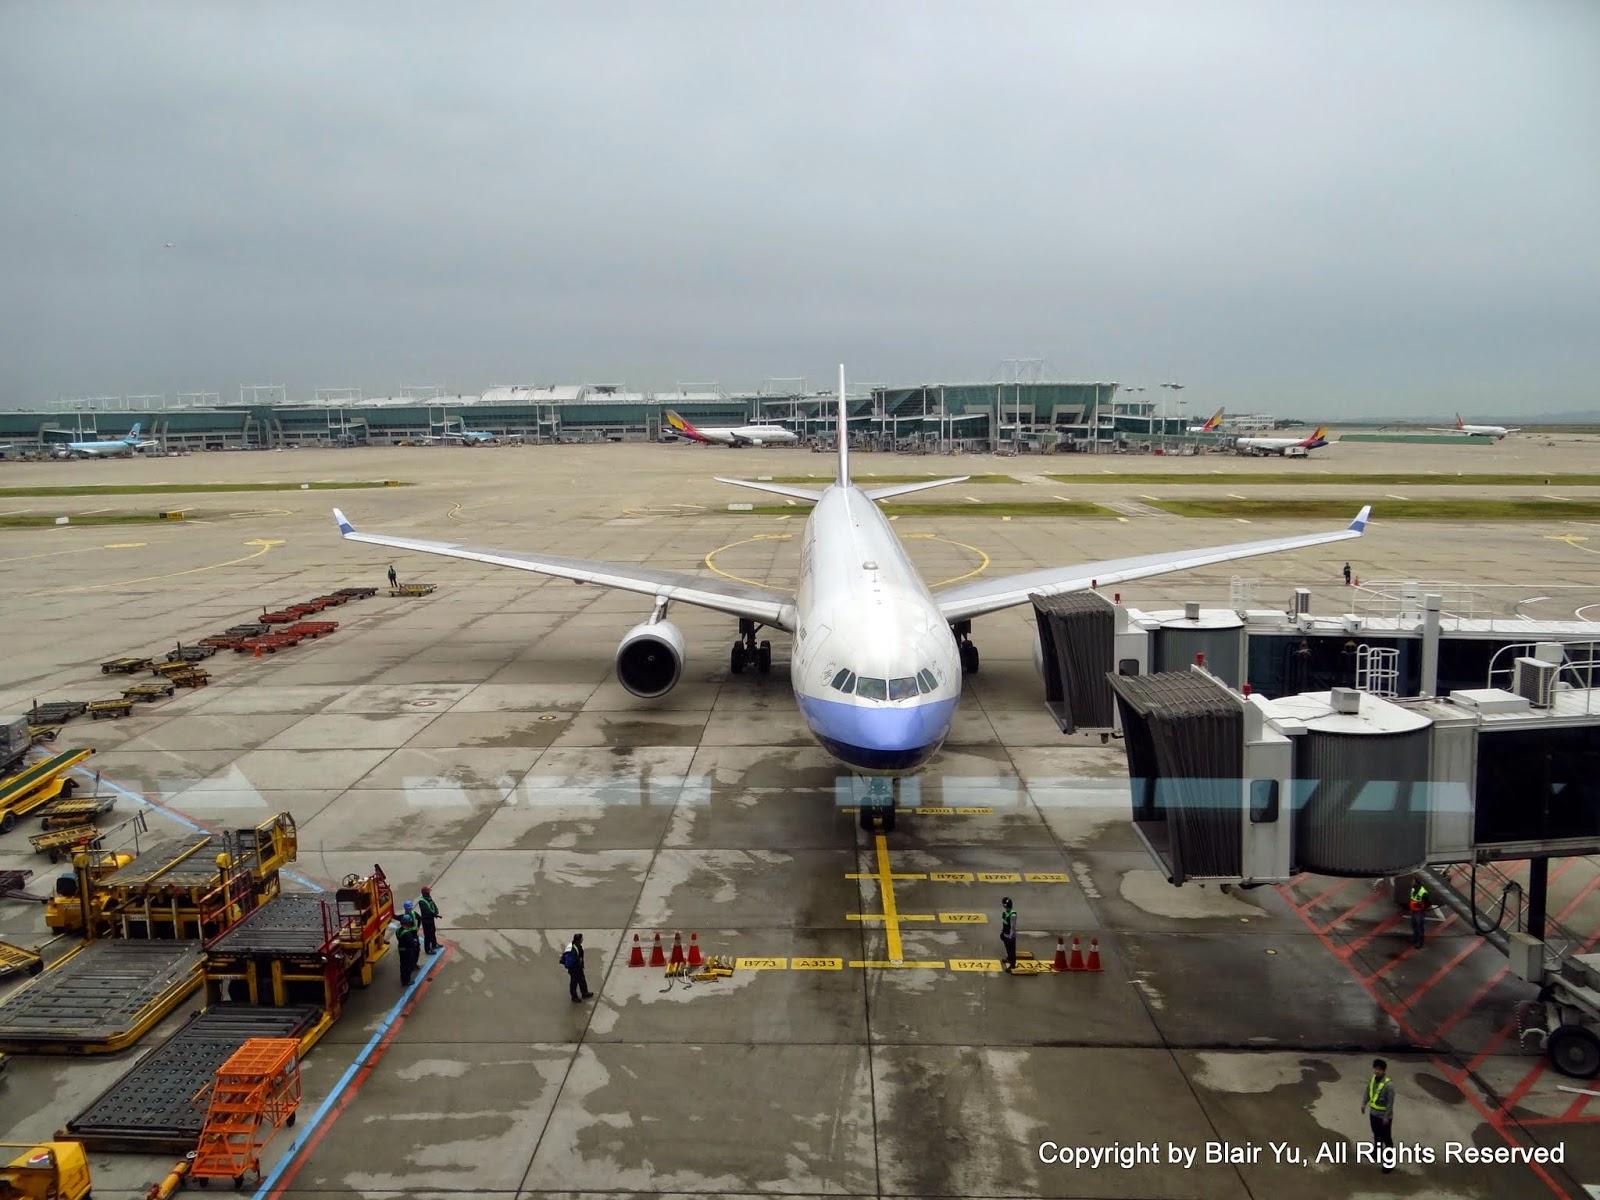 2014/9/22拍攝於桃園國際機場第二航廈